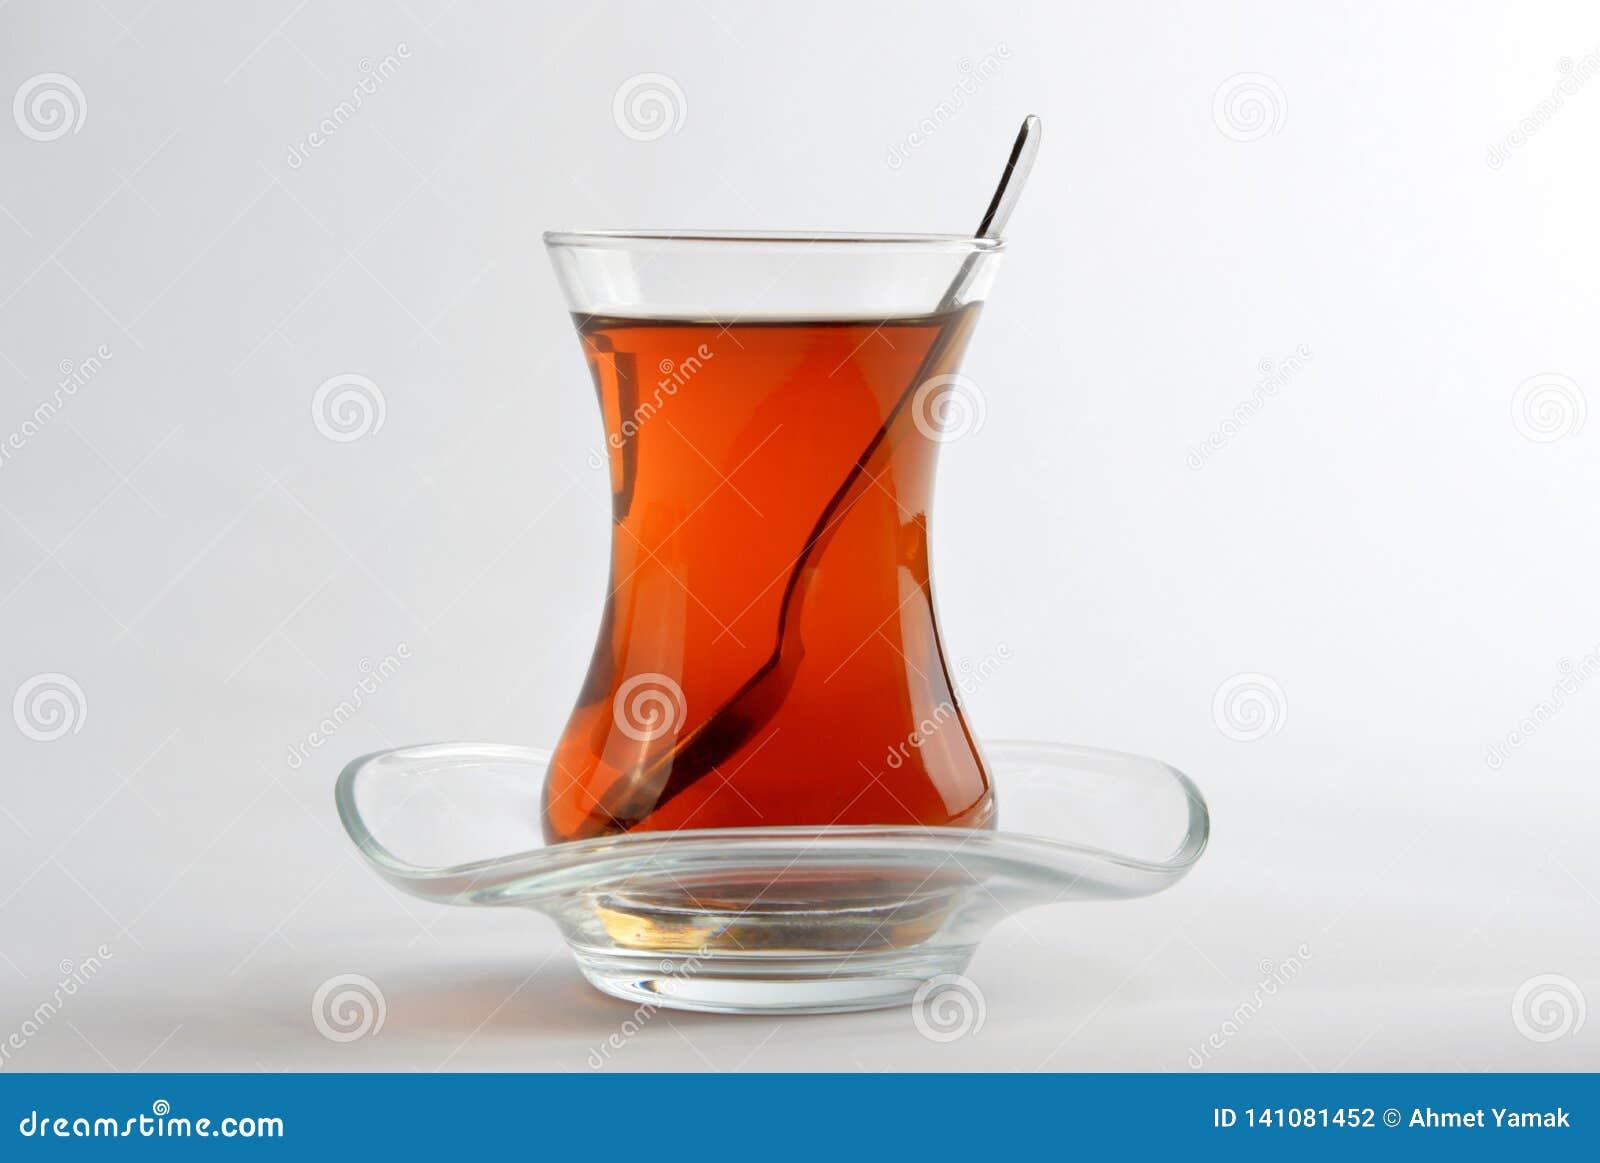 Турецкий чай изолированный на белой предпосылке